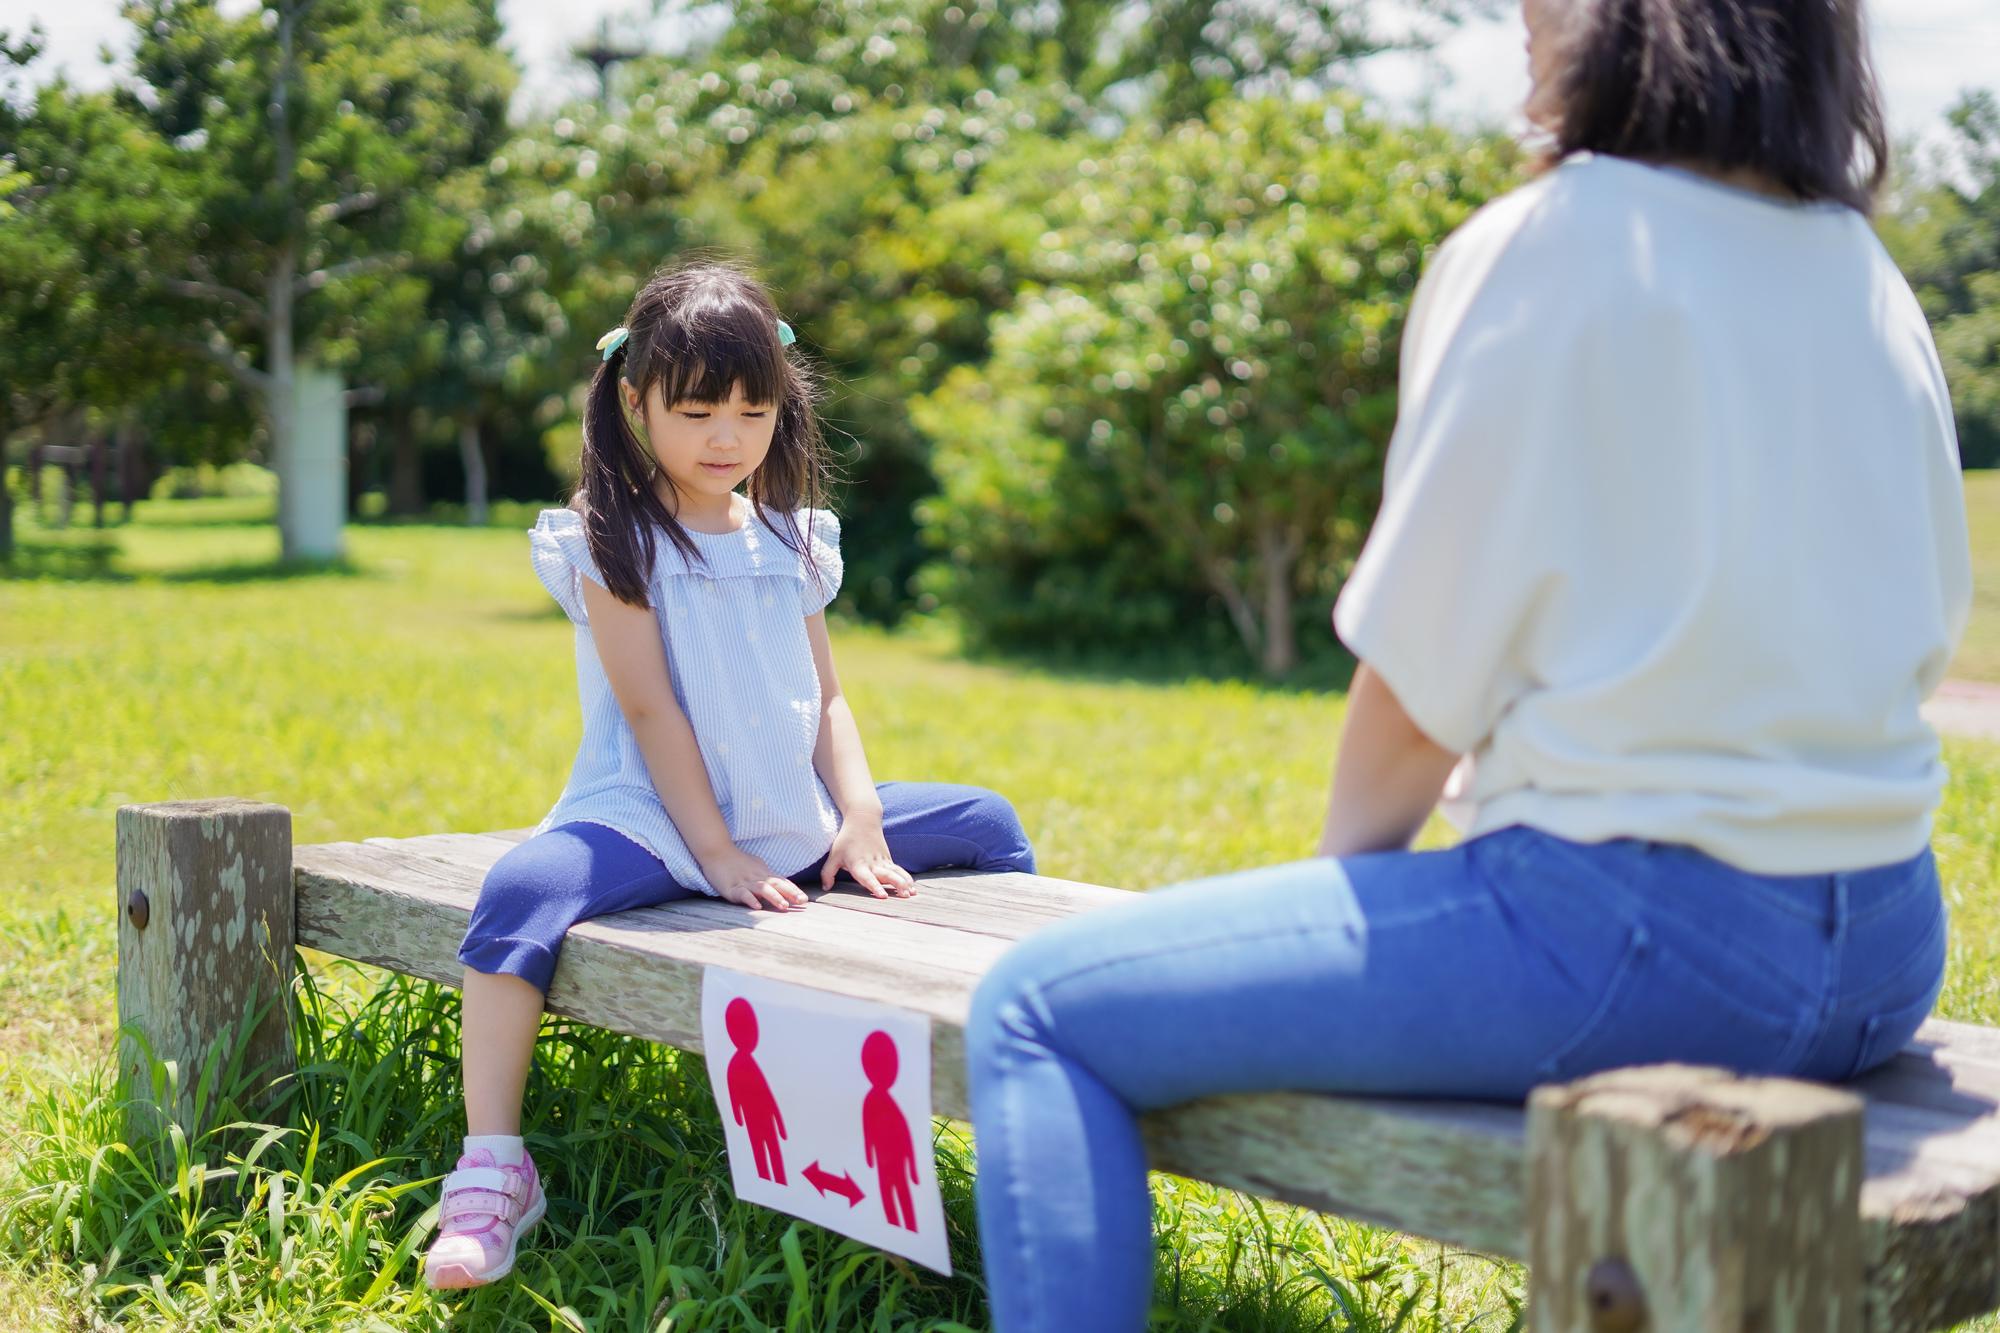 女の子とお母さんが距離を取りながらベンチに座る